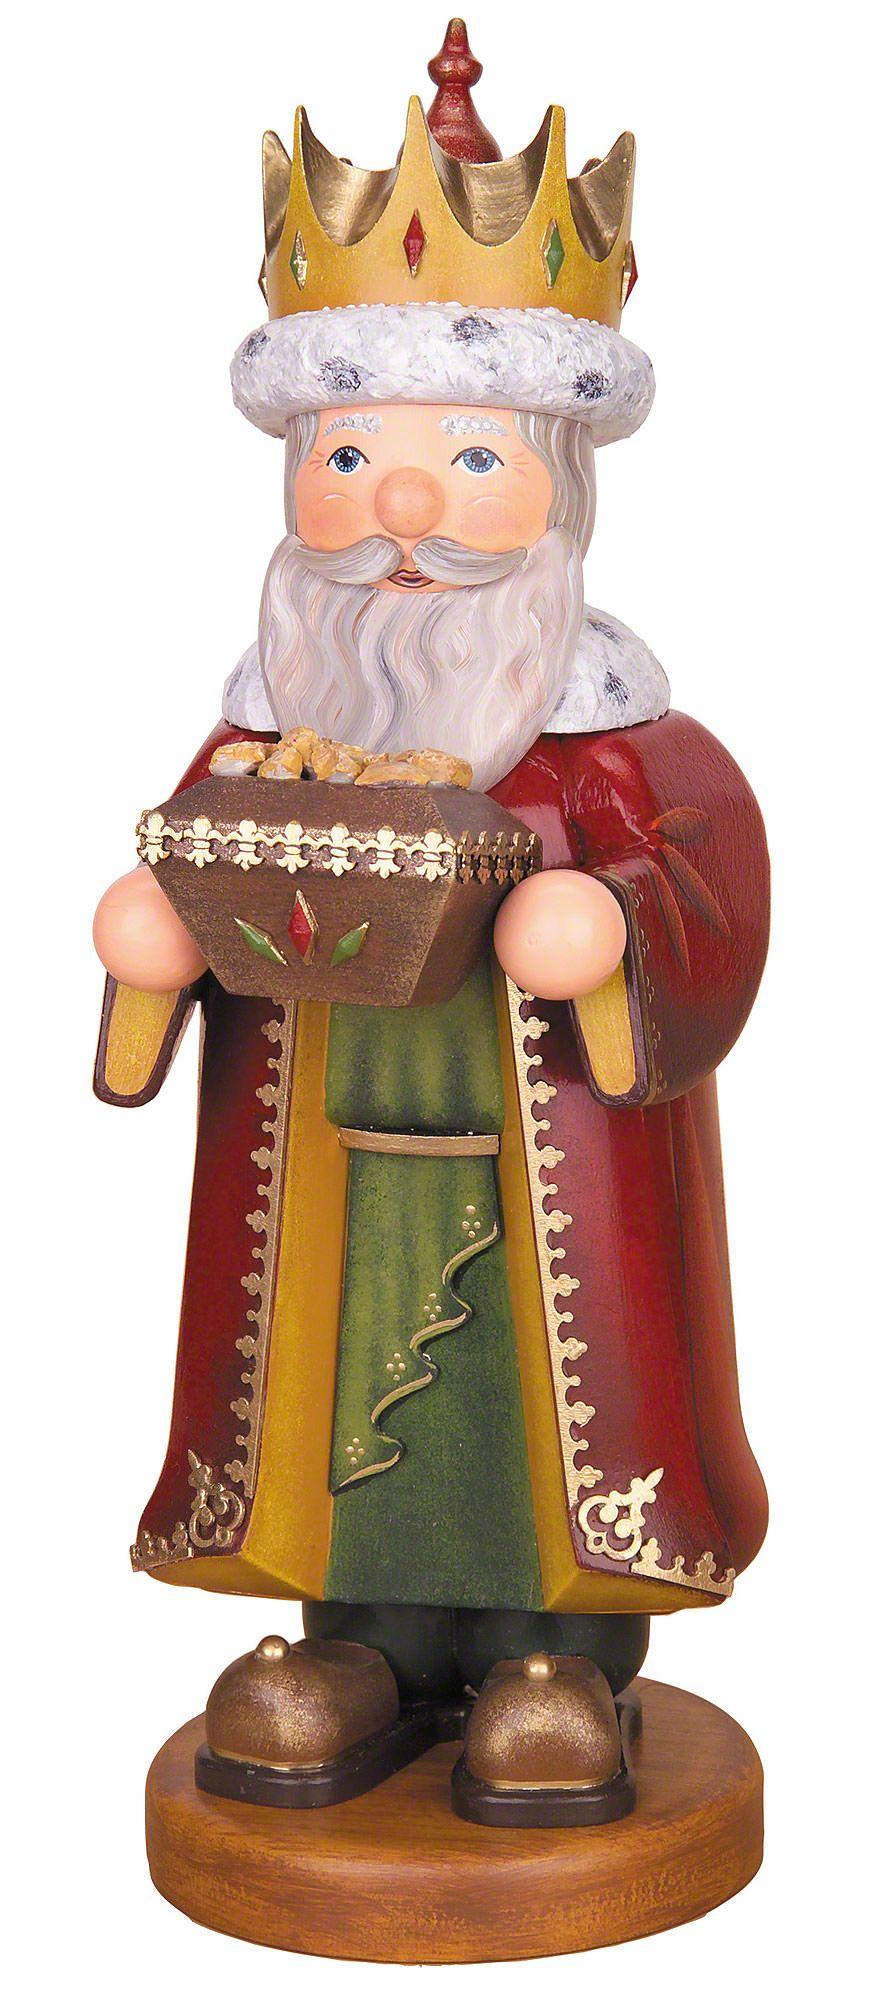 Hubrig Räuchermann Heilige 3 Könige Caspar 35 cm